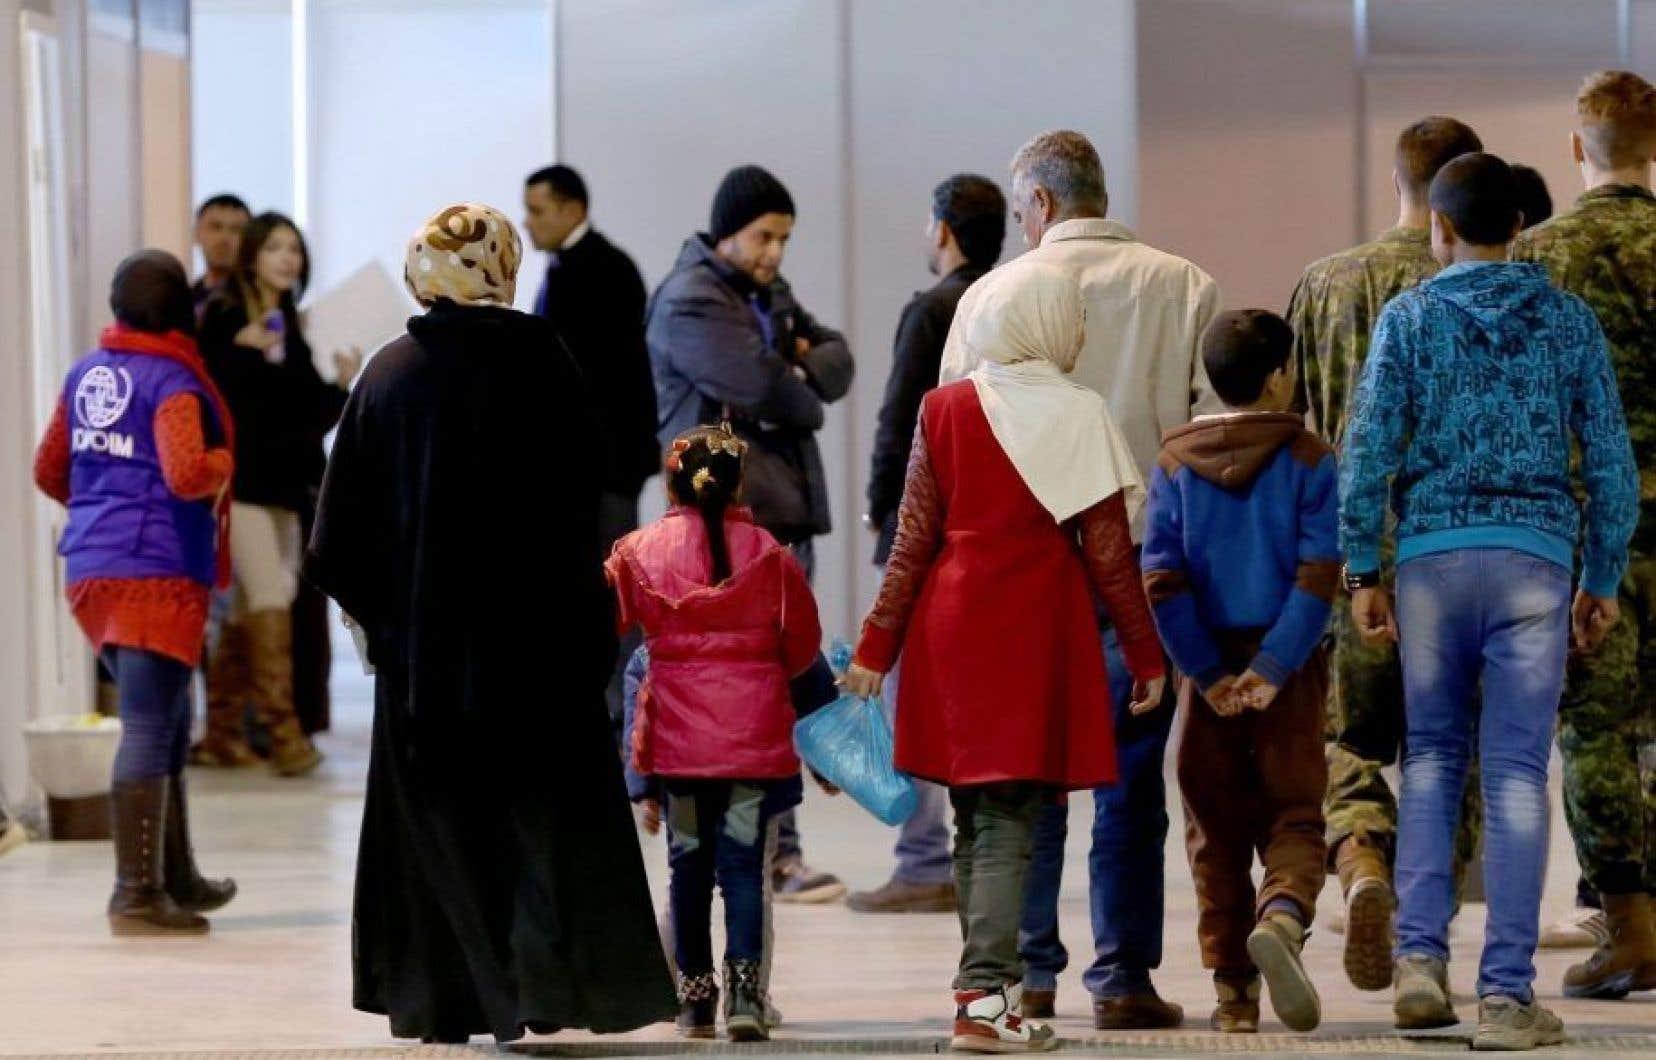 De nombreux réfugiés ont été parrainés par de simples citoyens qui, malgré leurs bonnes intentions, n'avaient pas les moyens de s'en occuper.